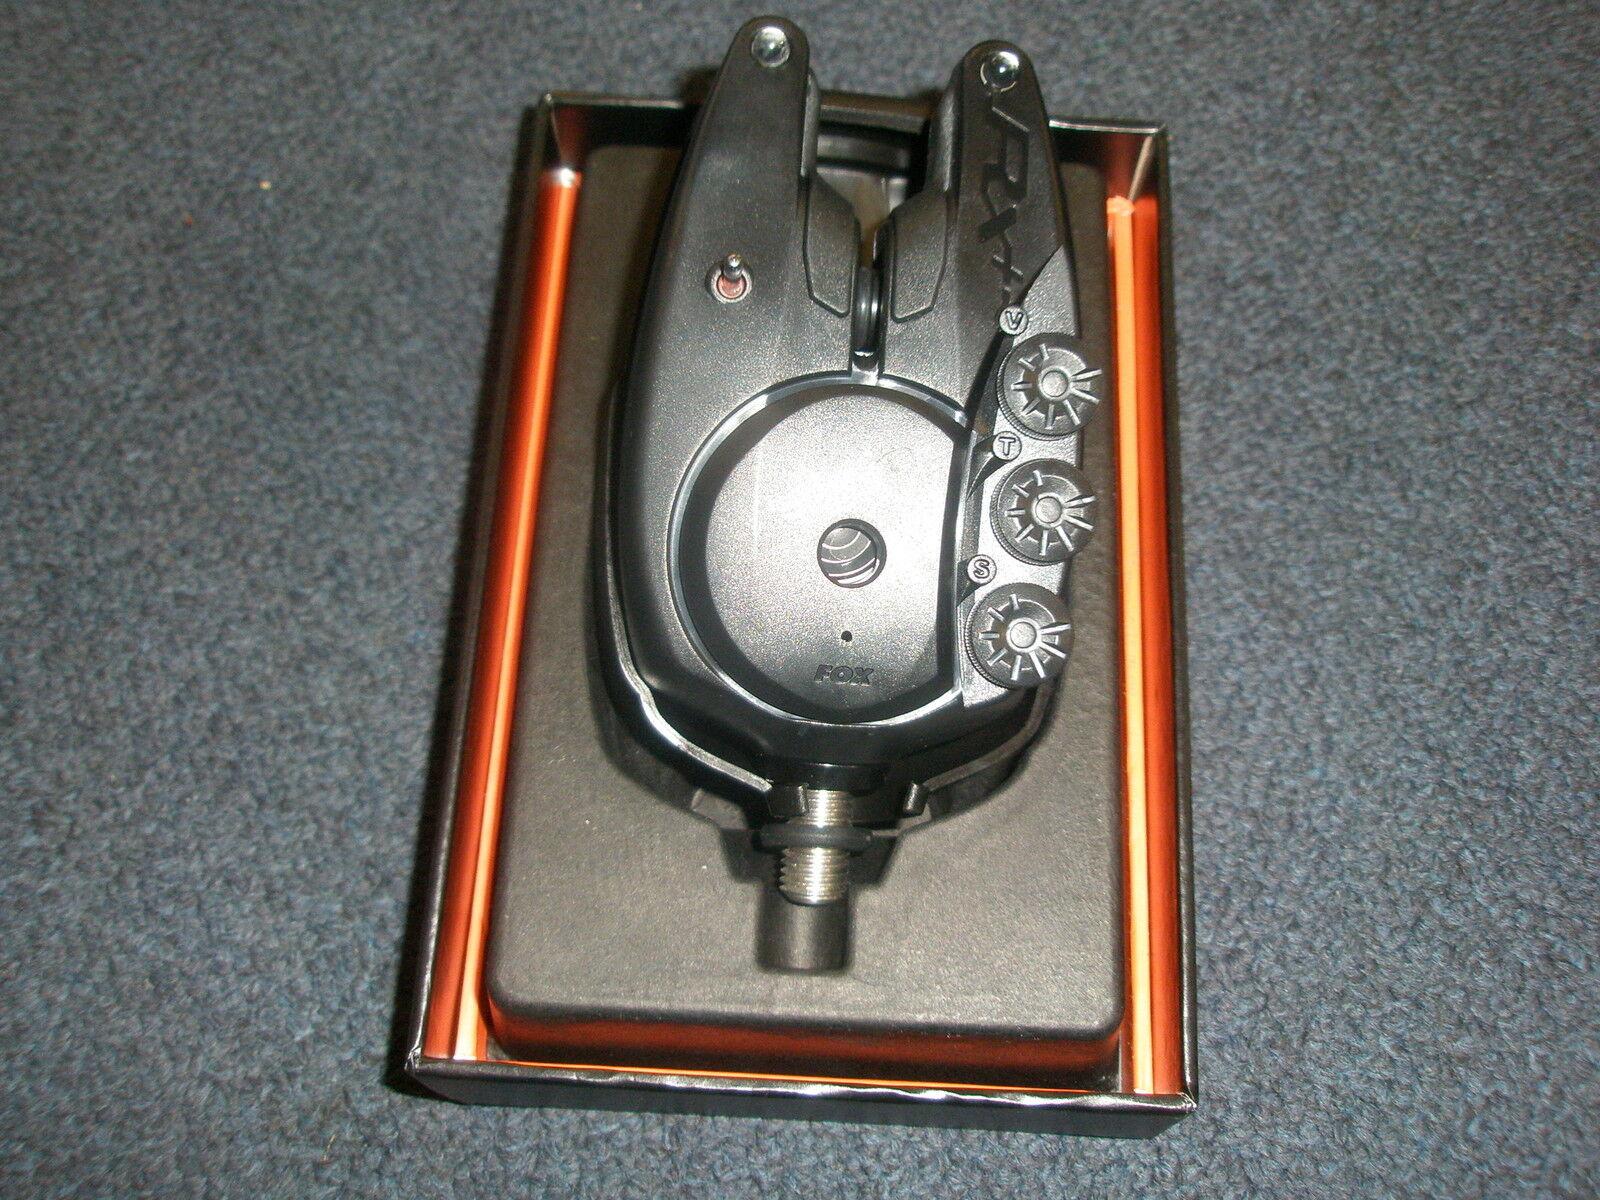 Fox Rx + Einzeln Einzeln + Alarm Karpfenangeln Ausrüstung 70d938